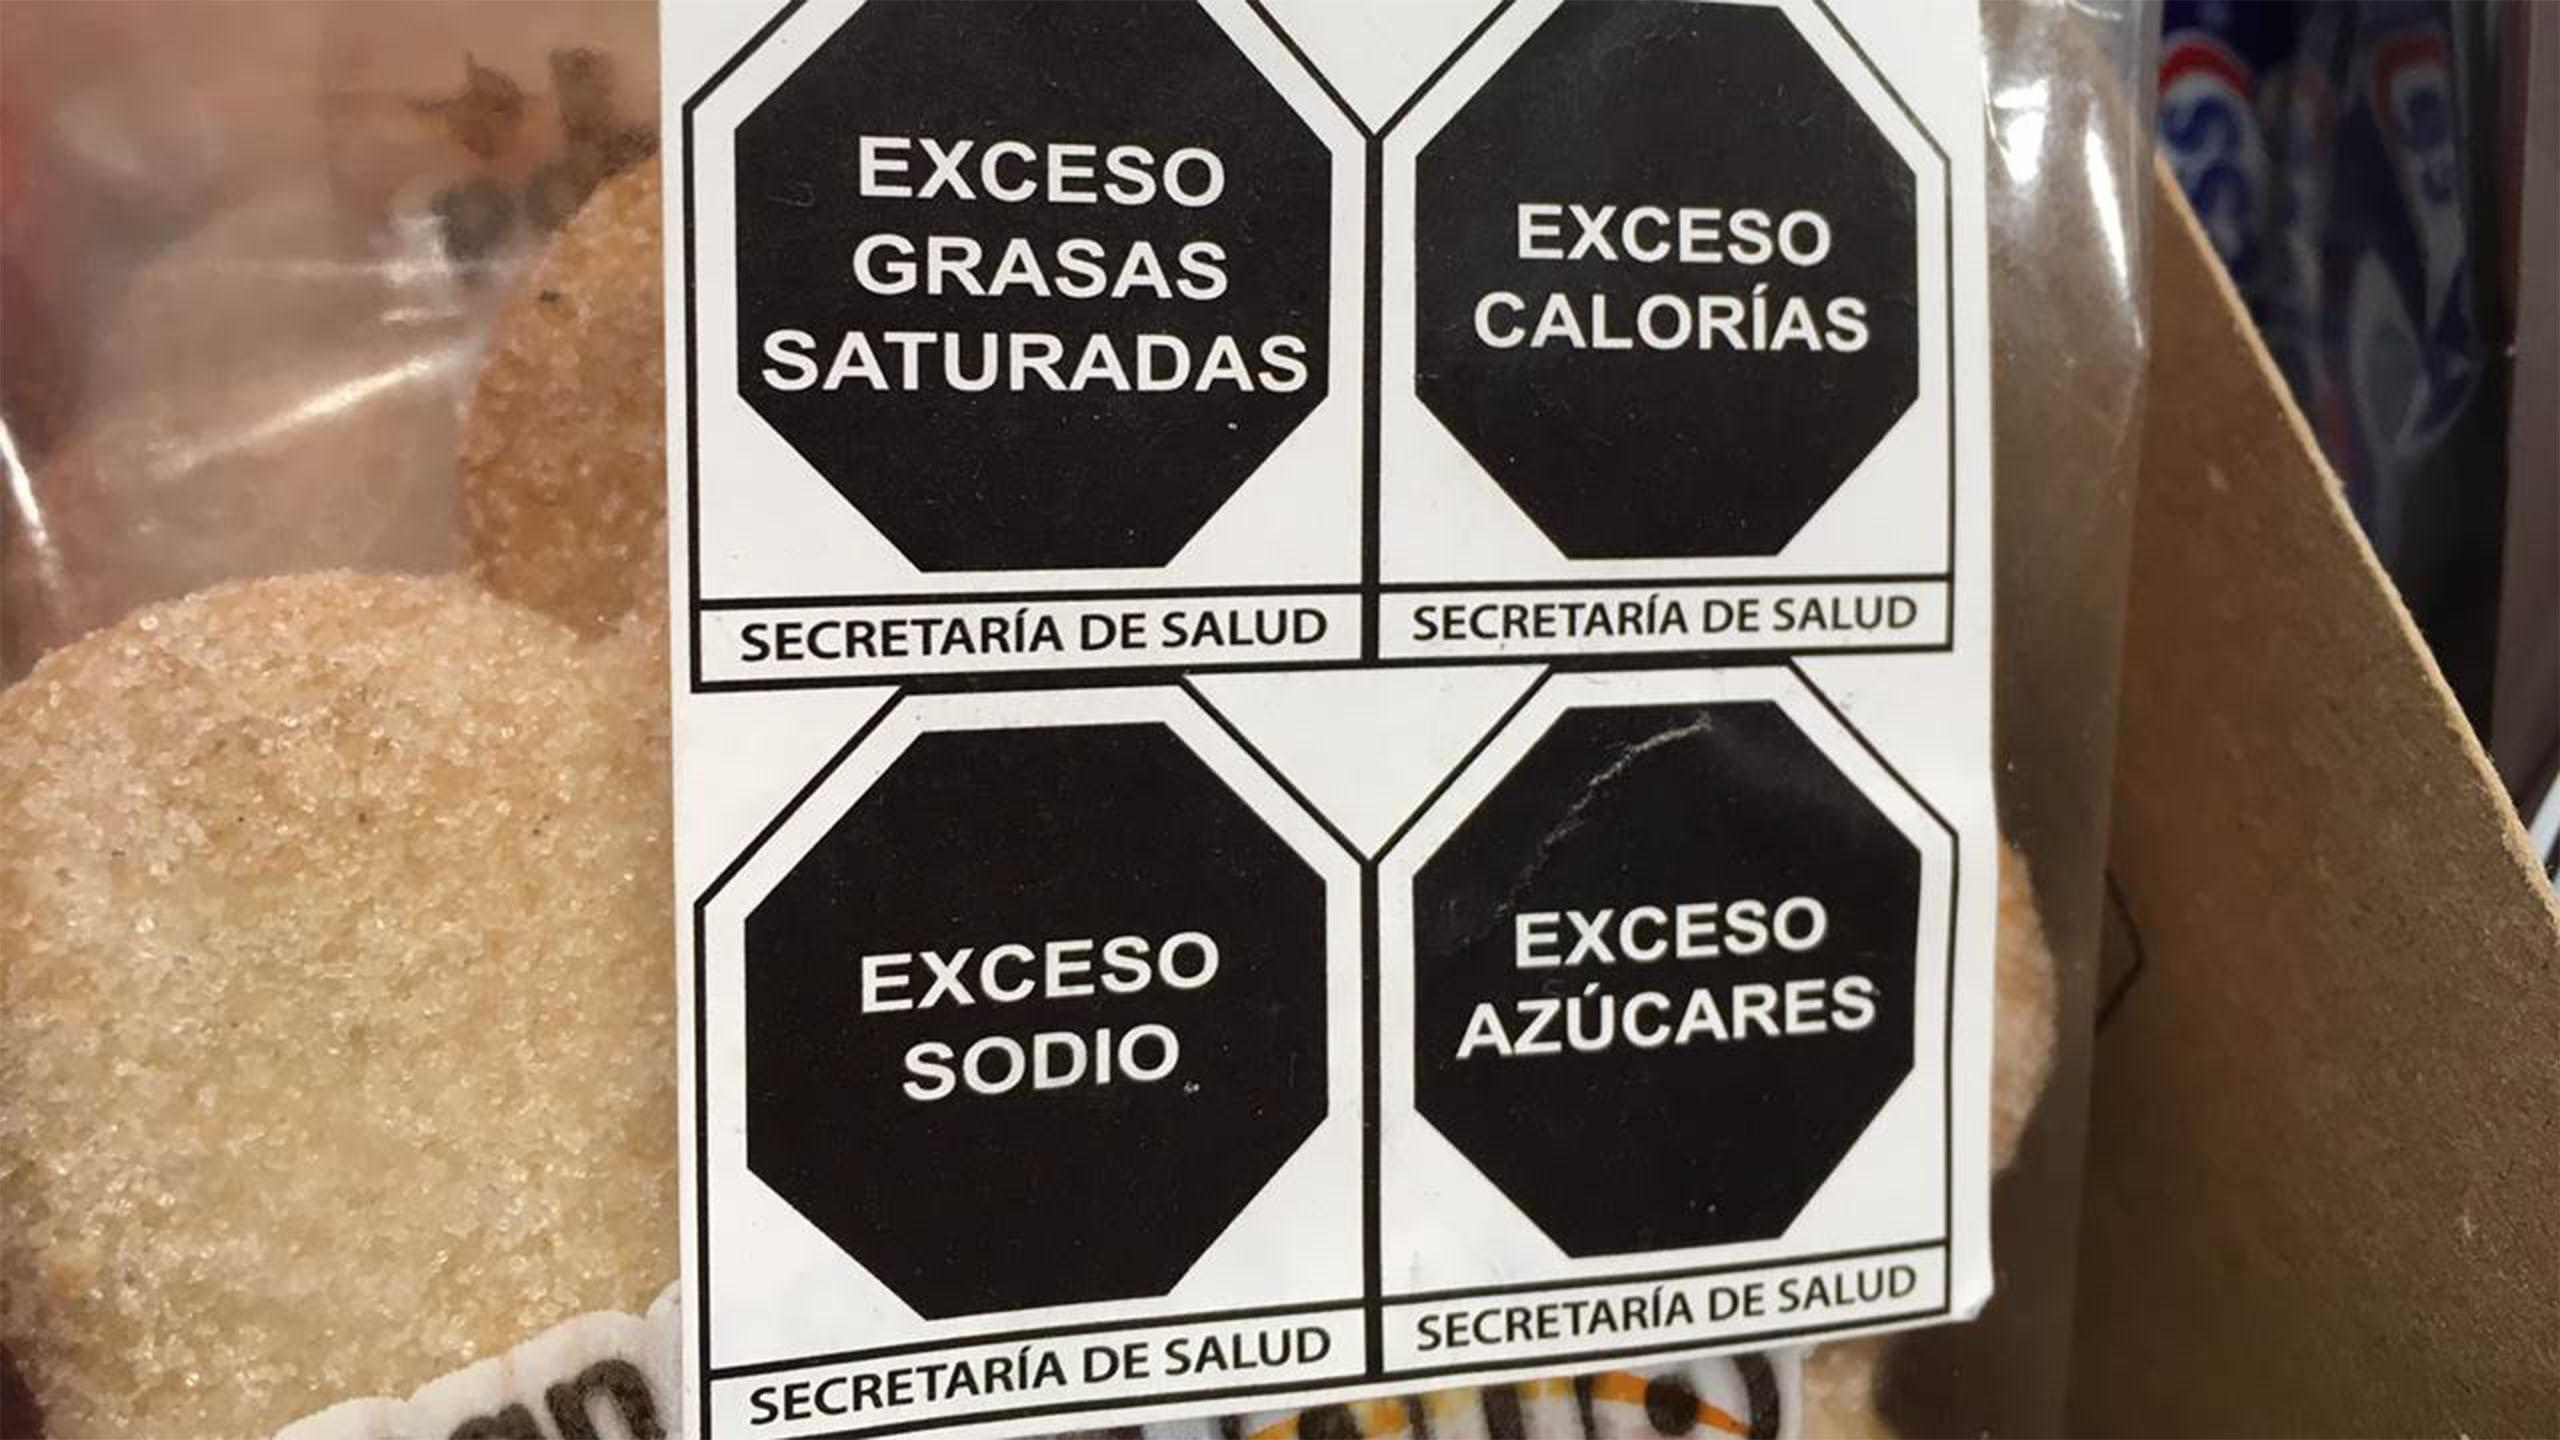 etiquetado de alimentos, méxico